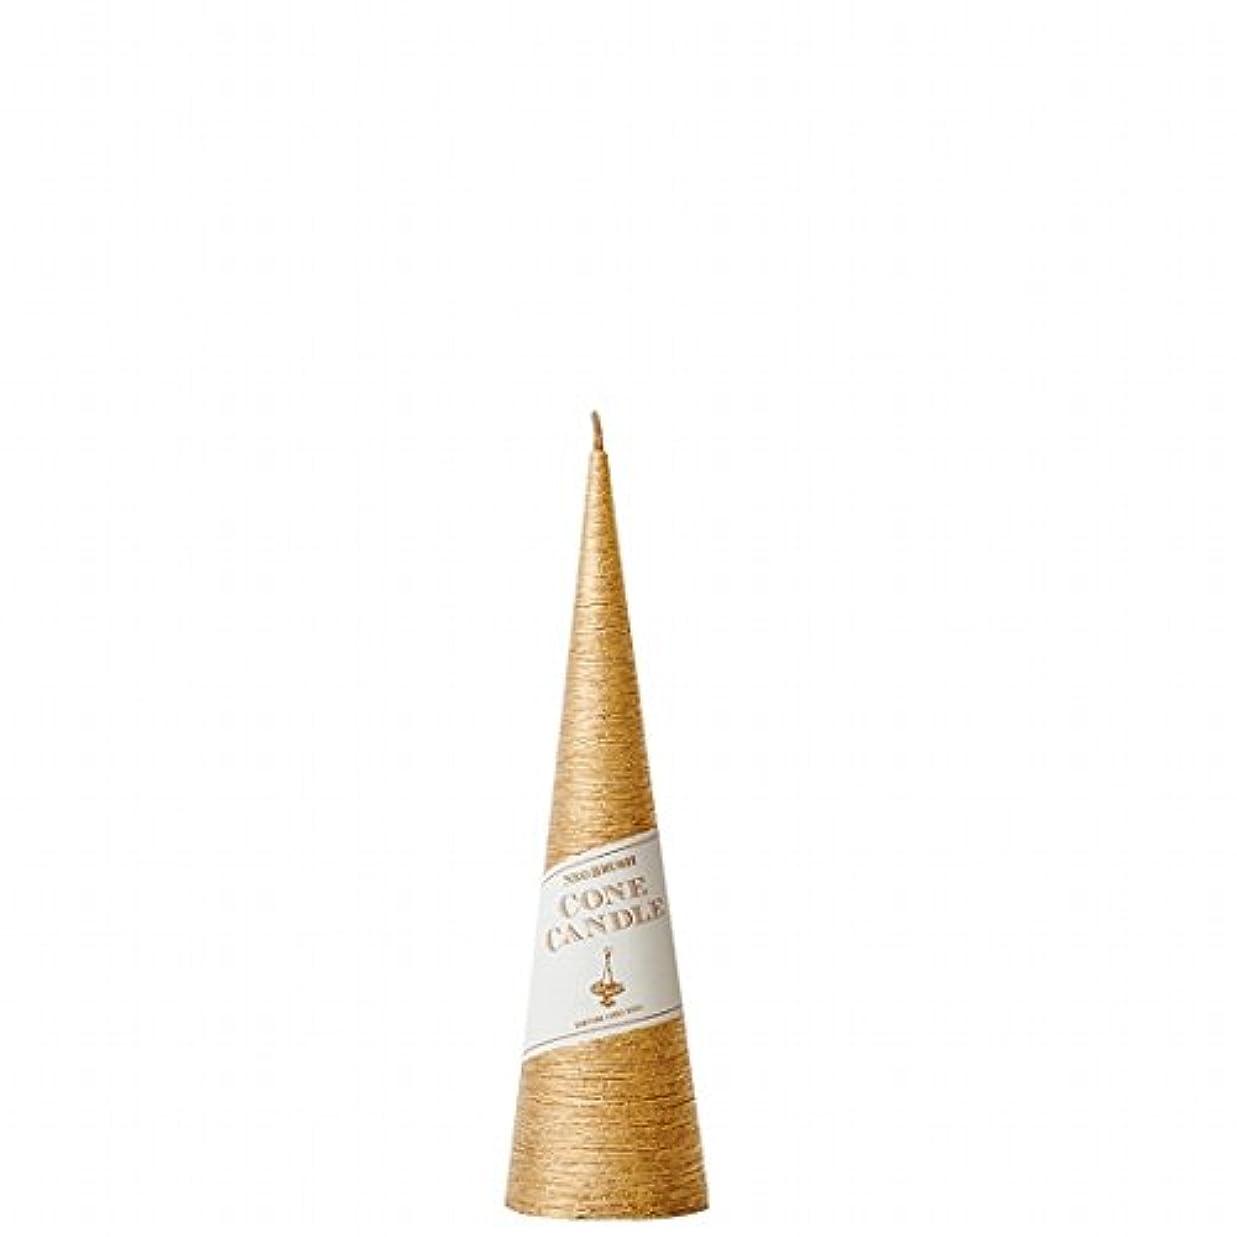 ワームペース持続的カメヤマキャンドル(kameyama candle) ネオブラッシュコーン 180 キャンドル 「 ゴールド 」 6個セット